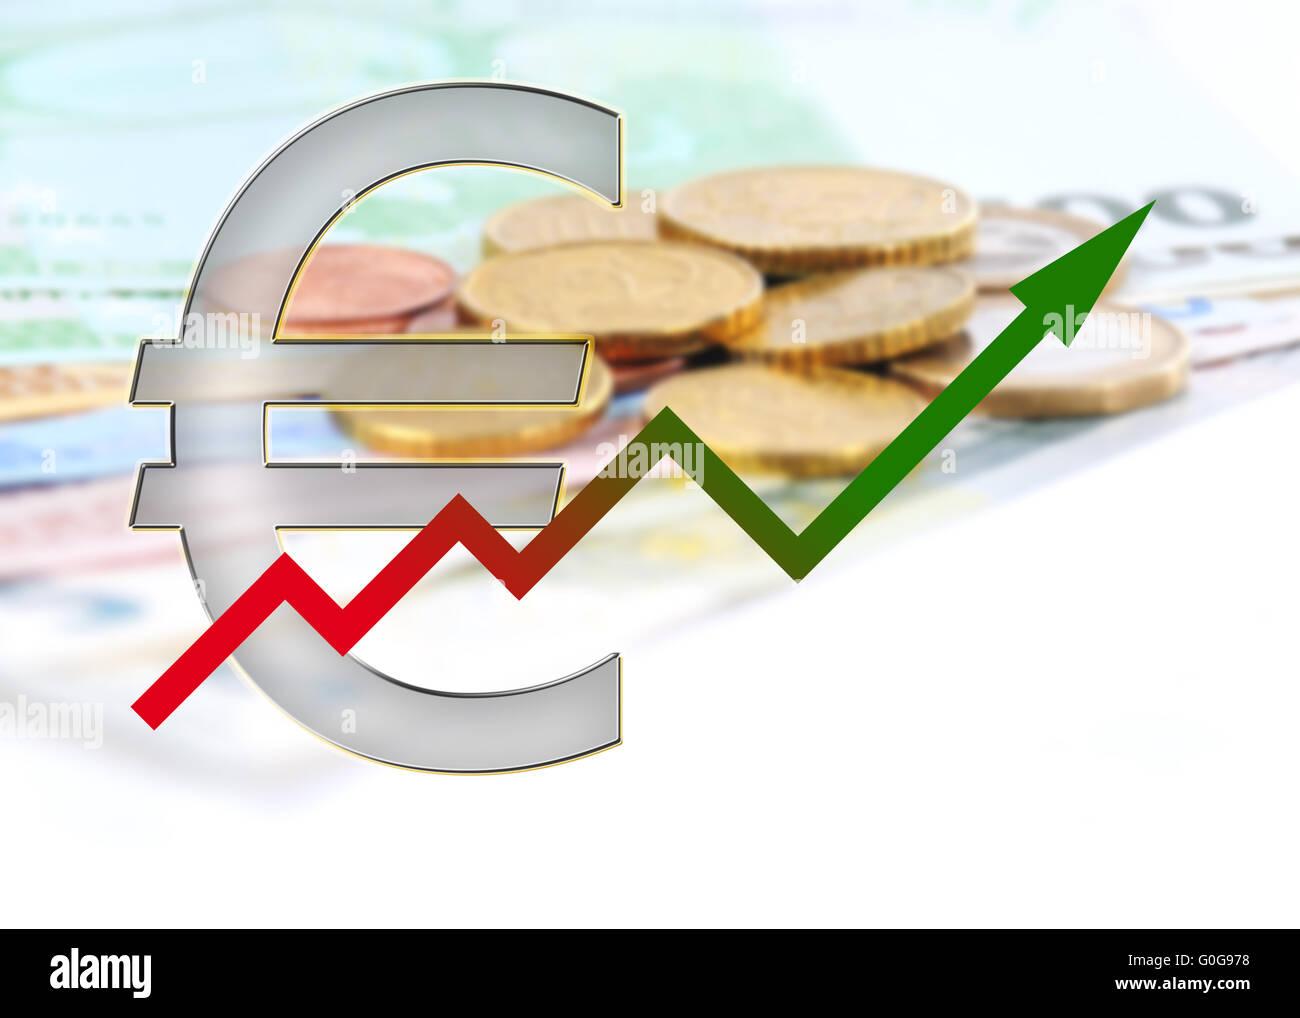 Gráfico hacia arriba con gradiente de color Imagen De Stock